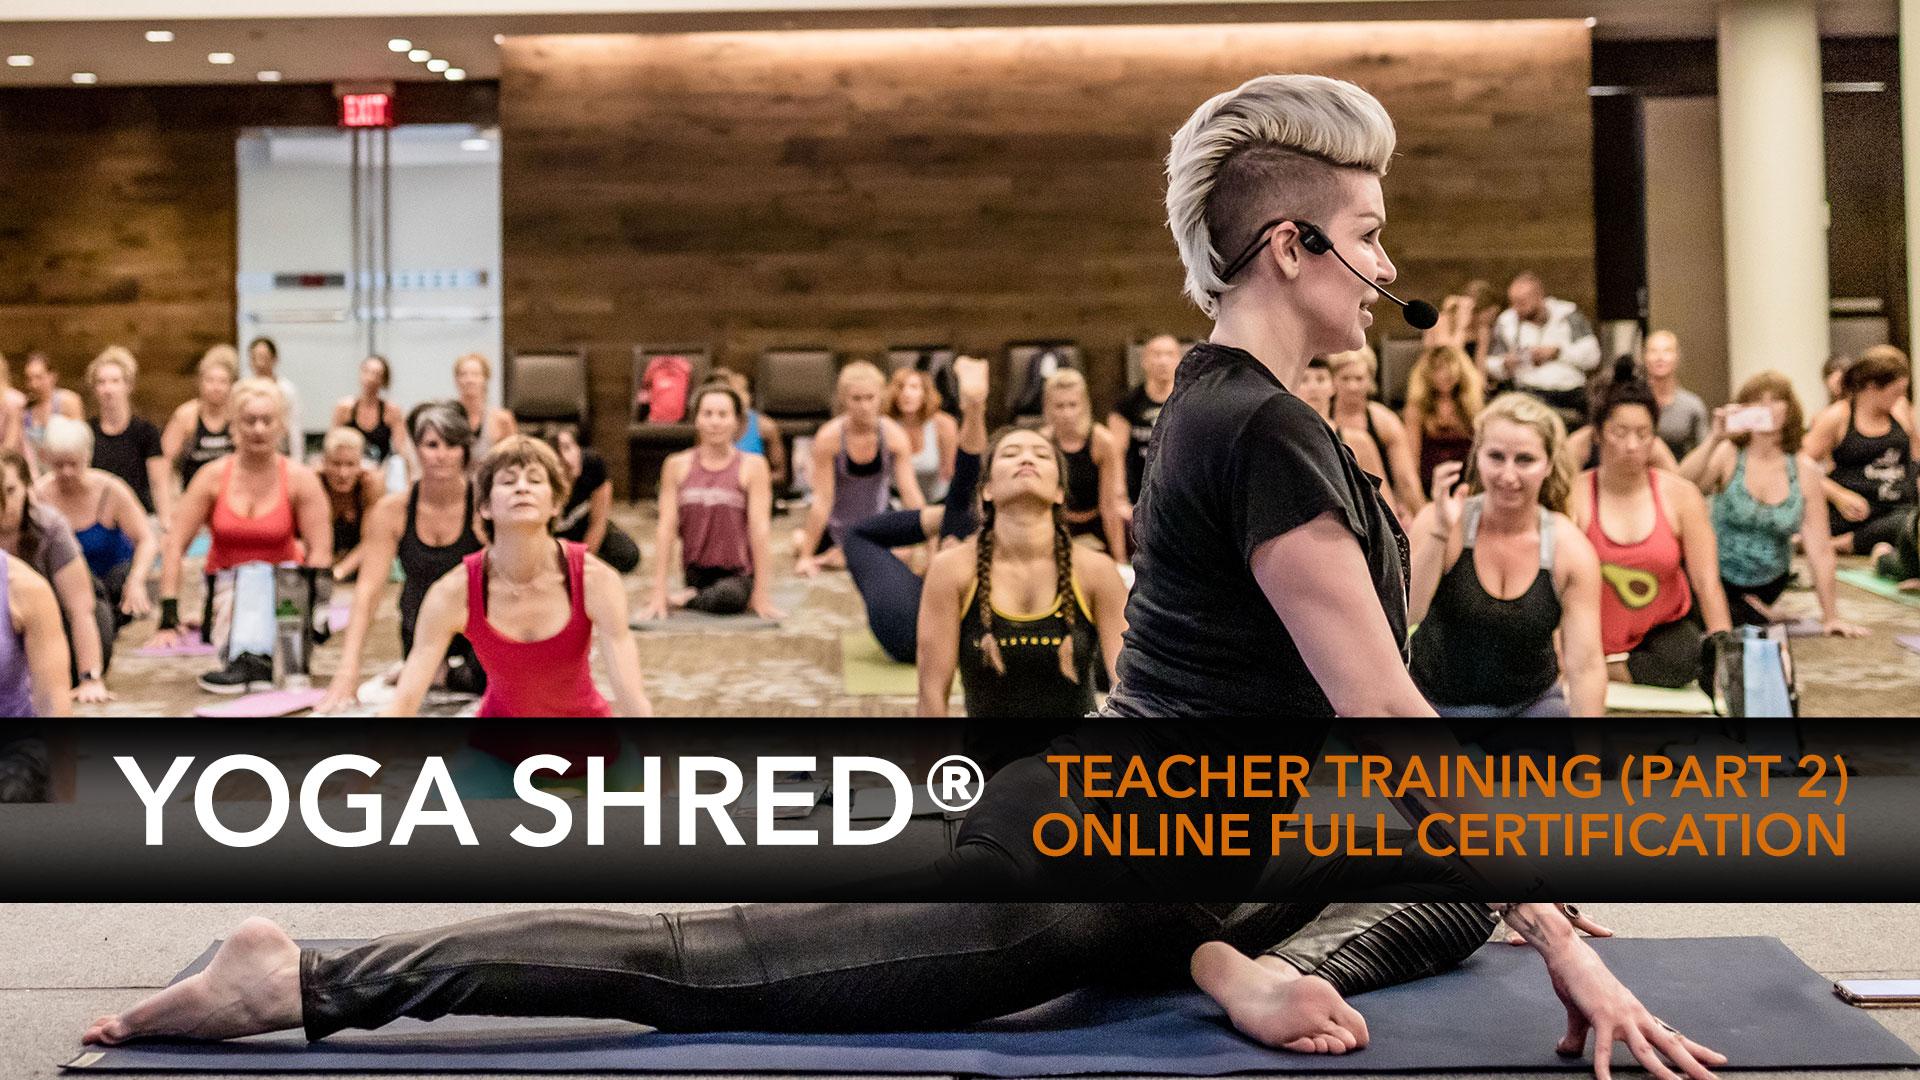 Yoga Shred Teacher Training Part 2 Online Full Certification